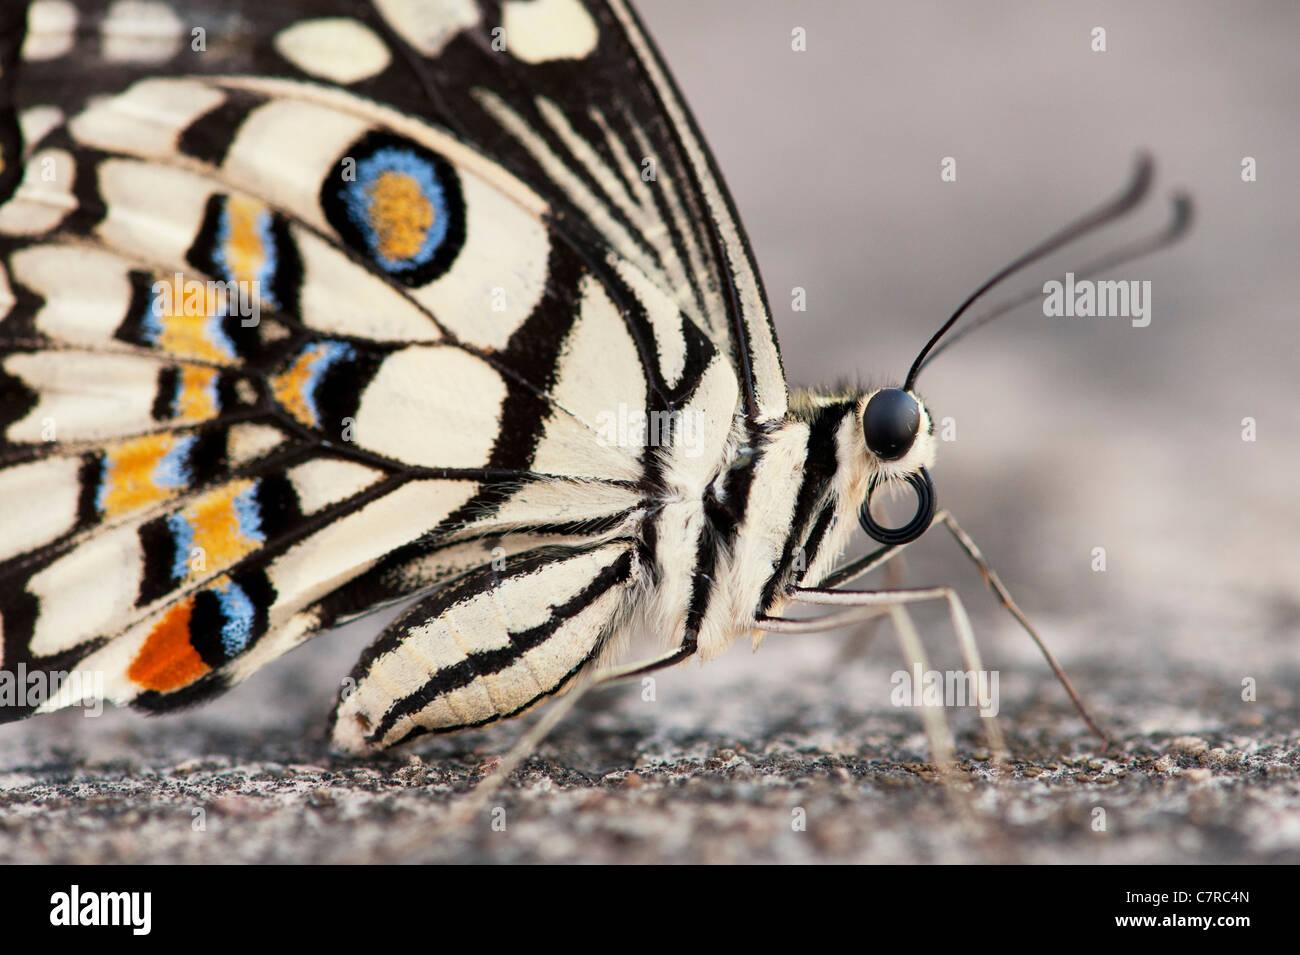 Papilio demoleus . Mariposa de cal Imagen De Stock